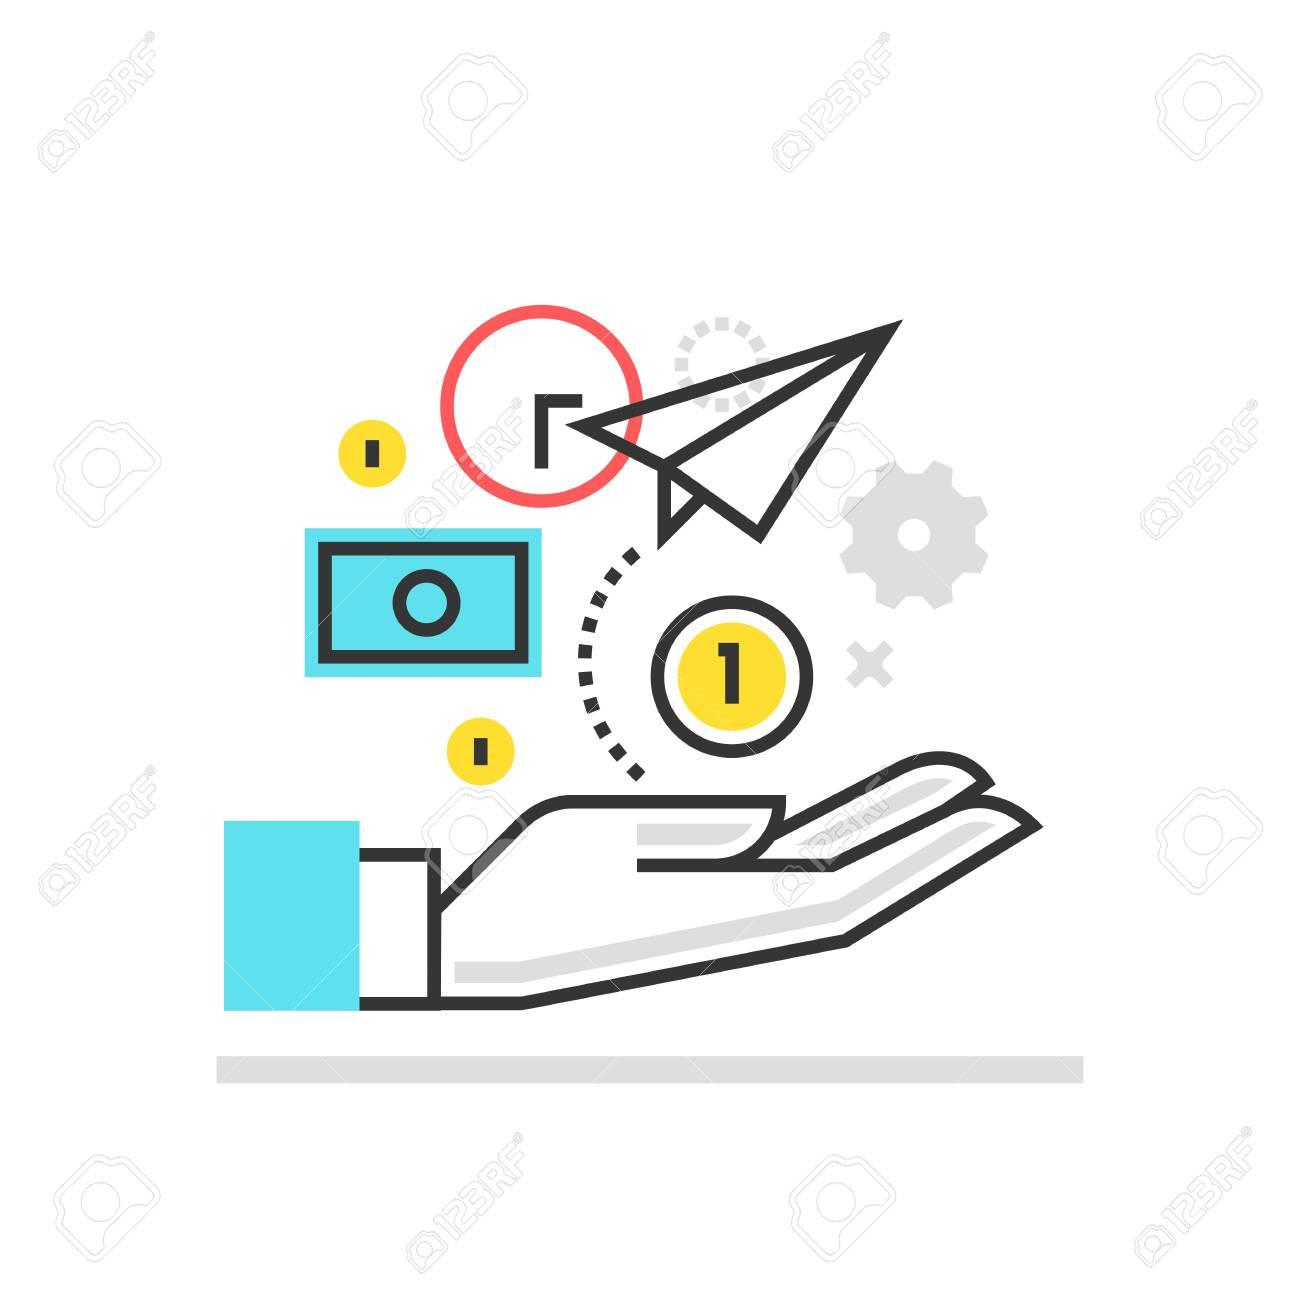 カラー ボックスのアイコン、ビジネス アイデアのイラスト、アイコン